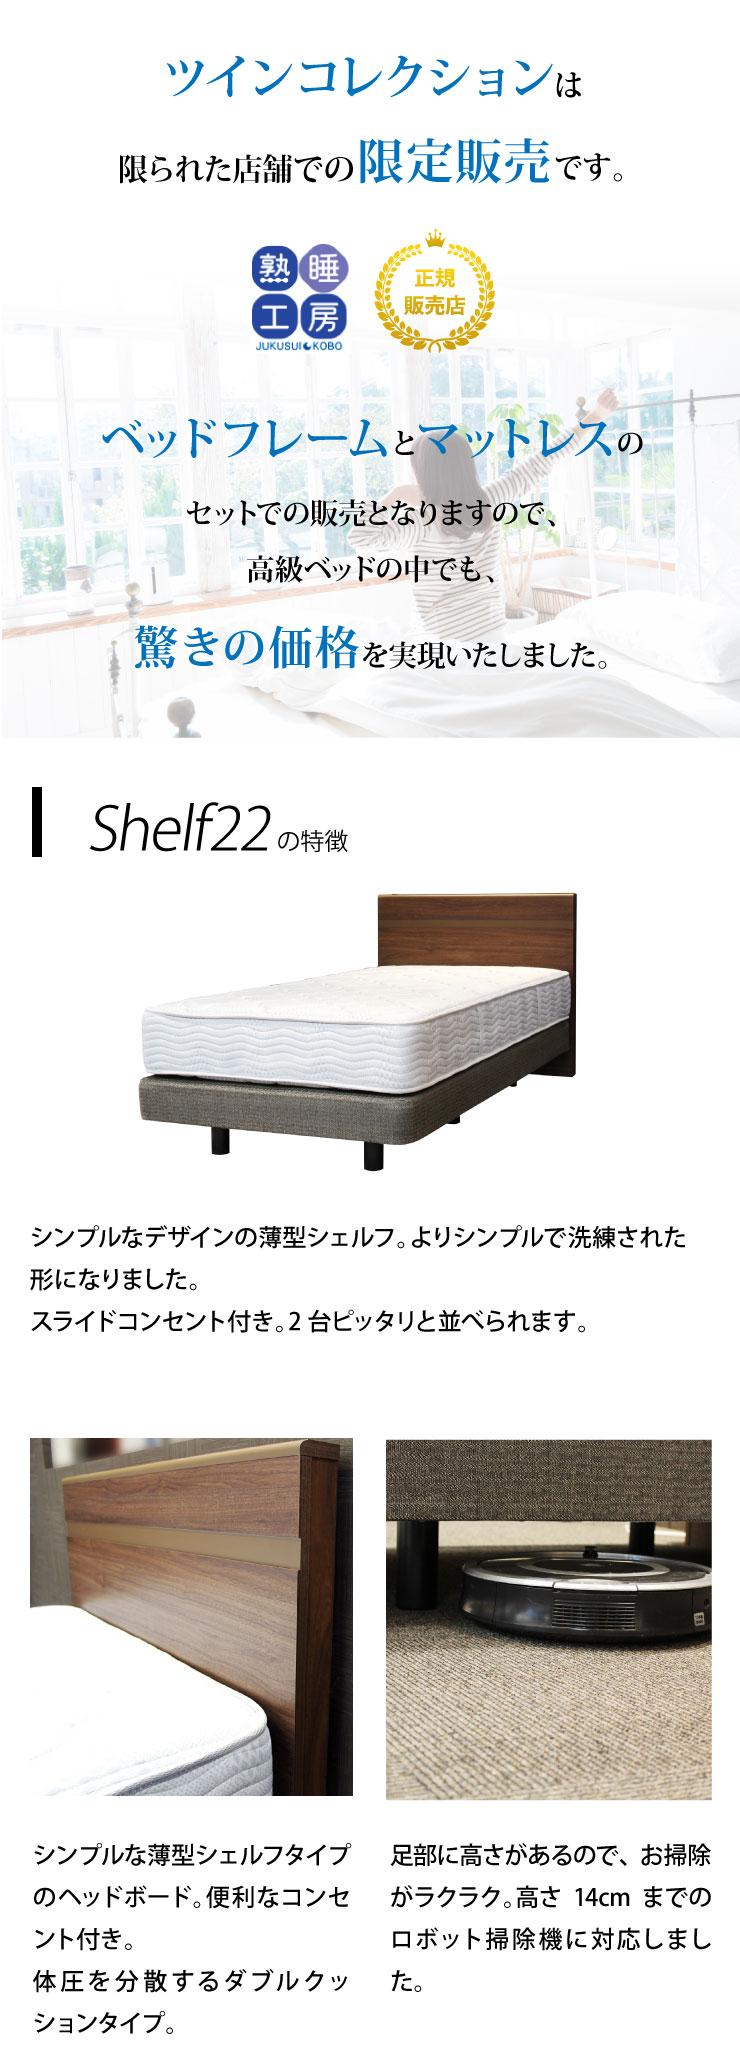 Shelf22の特徴